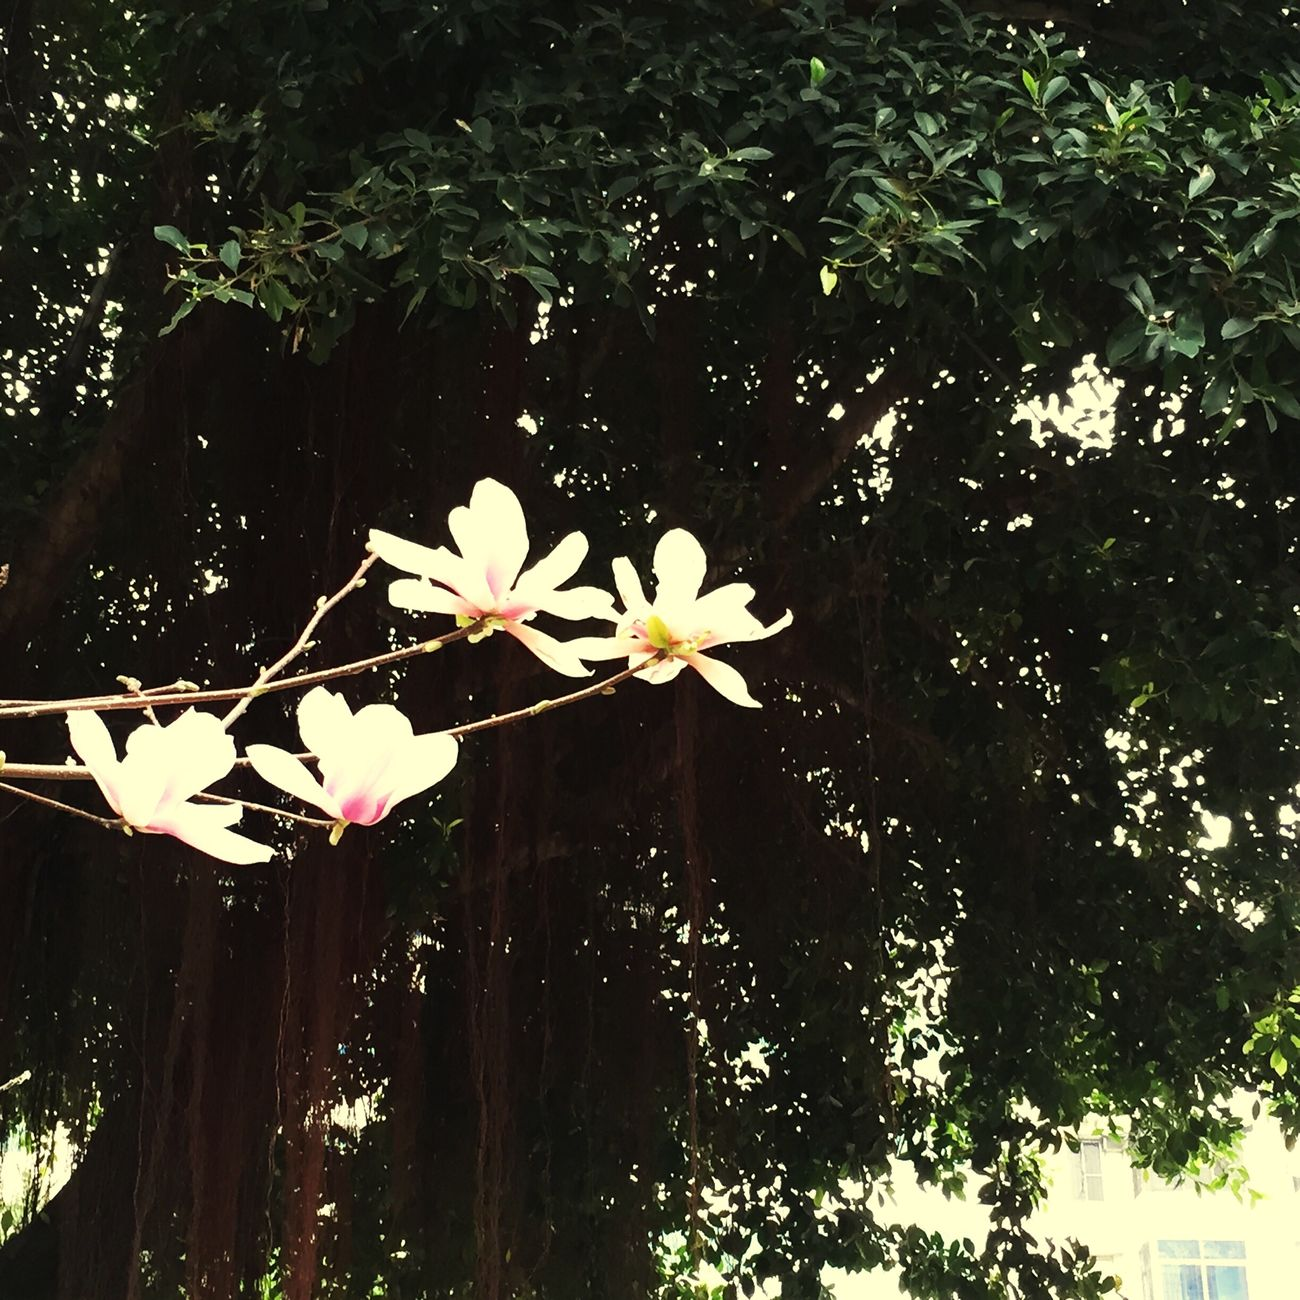 春里花开,梦里醒来,谁在树下等待,谁在畅笑开怀